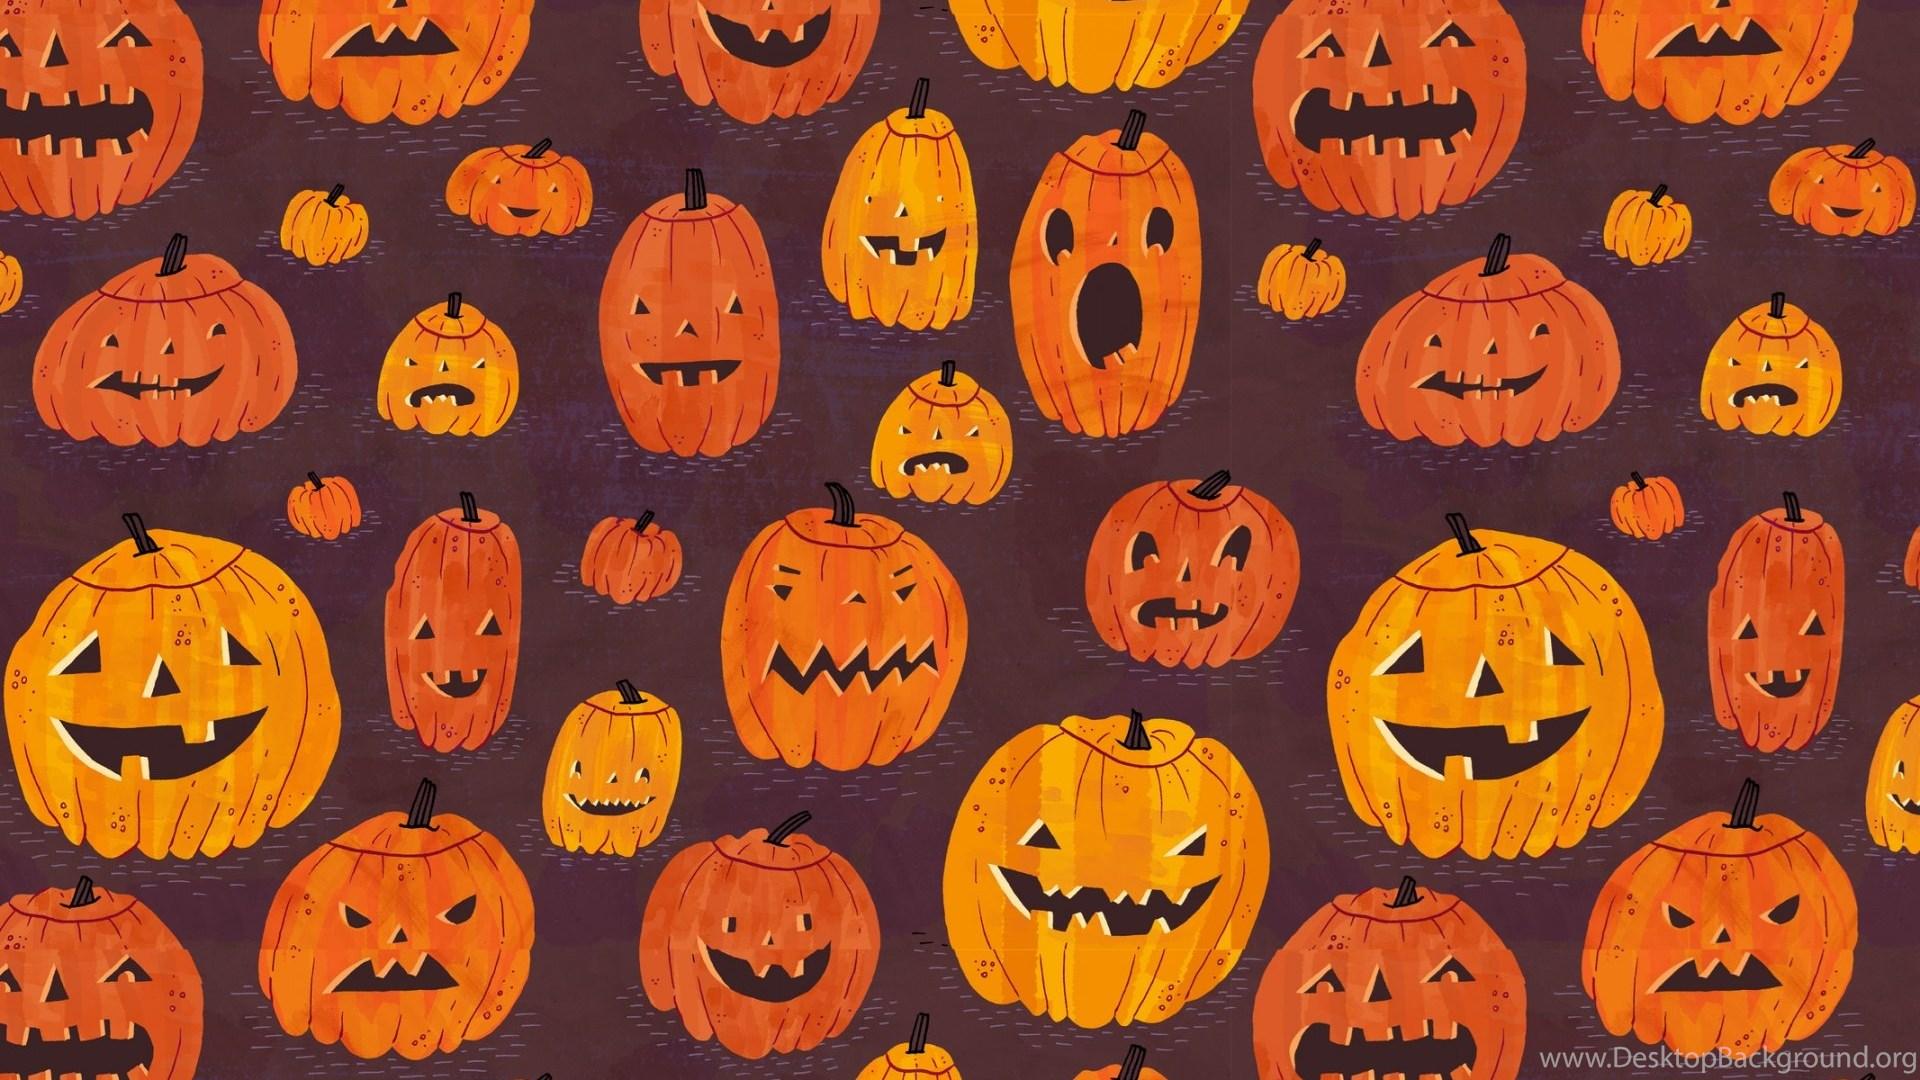 halloween pumpkins pattern hd desktop wallpapers : high definition